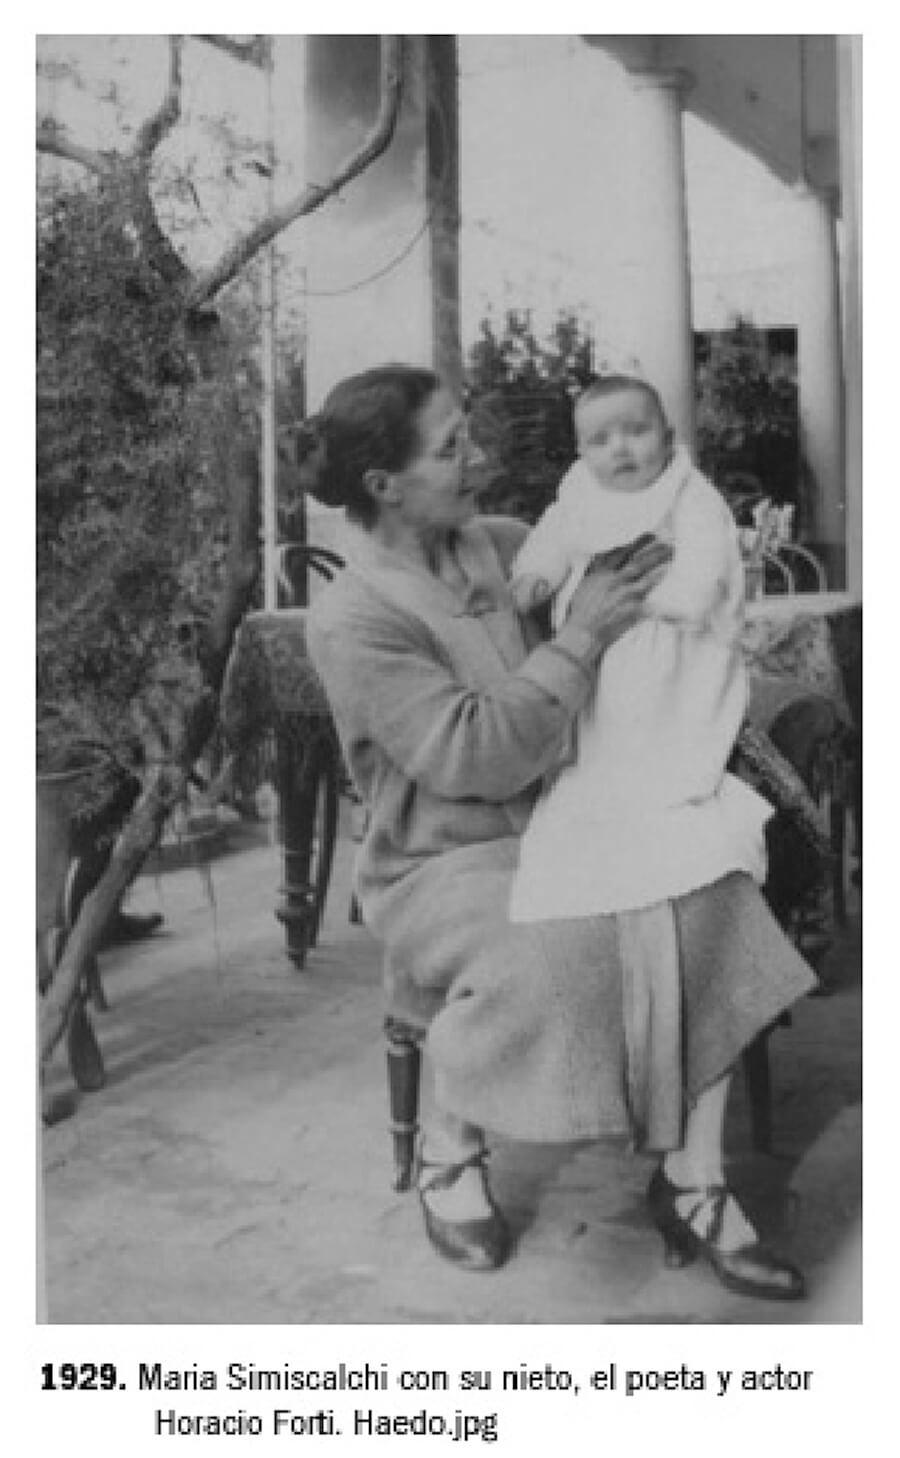 1929 - María Simiscalchi con su nieto Horacio Forti